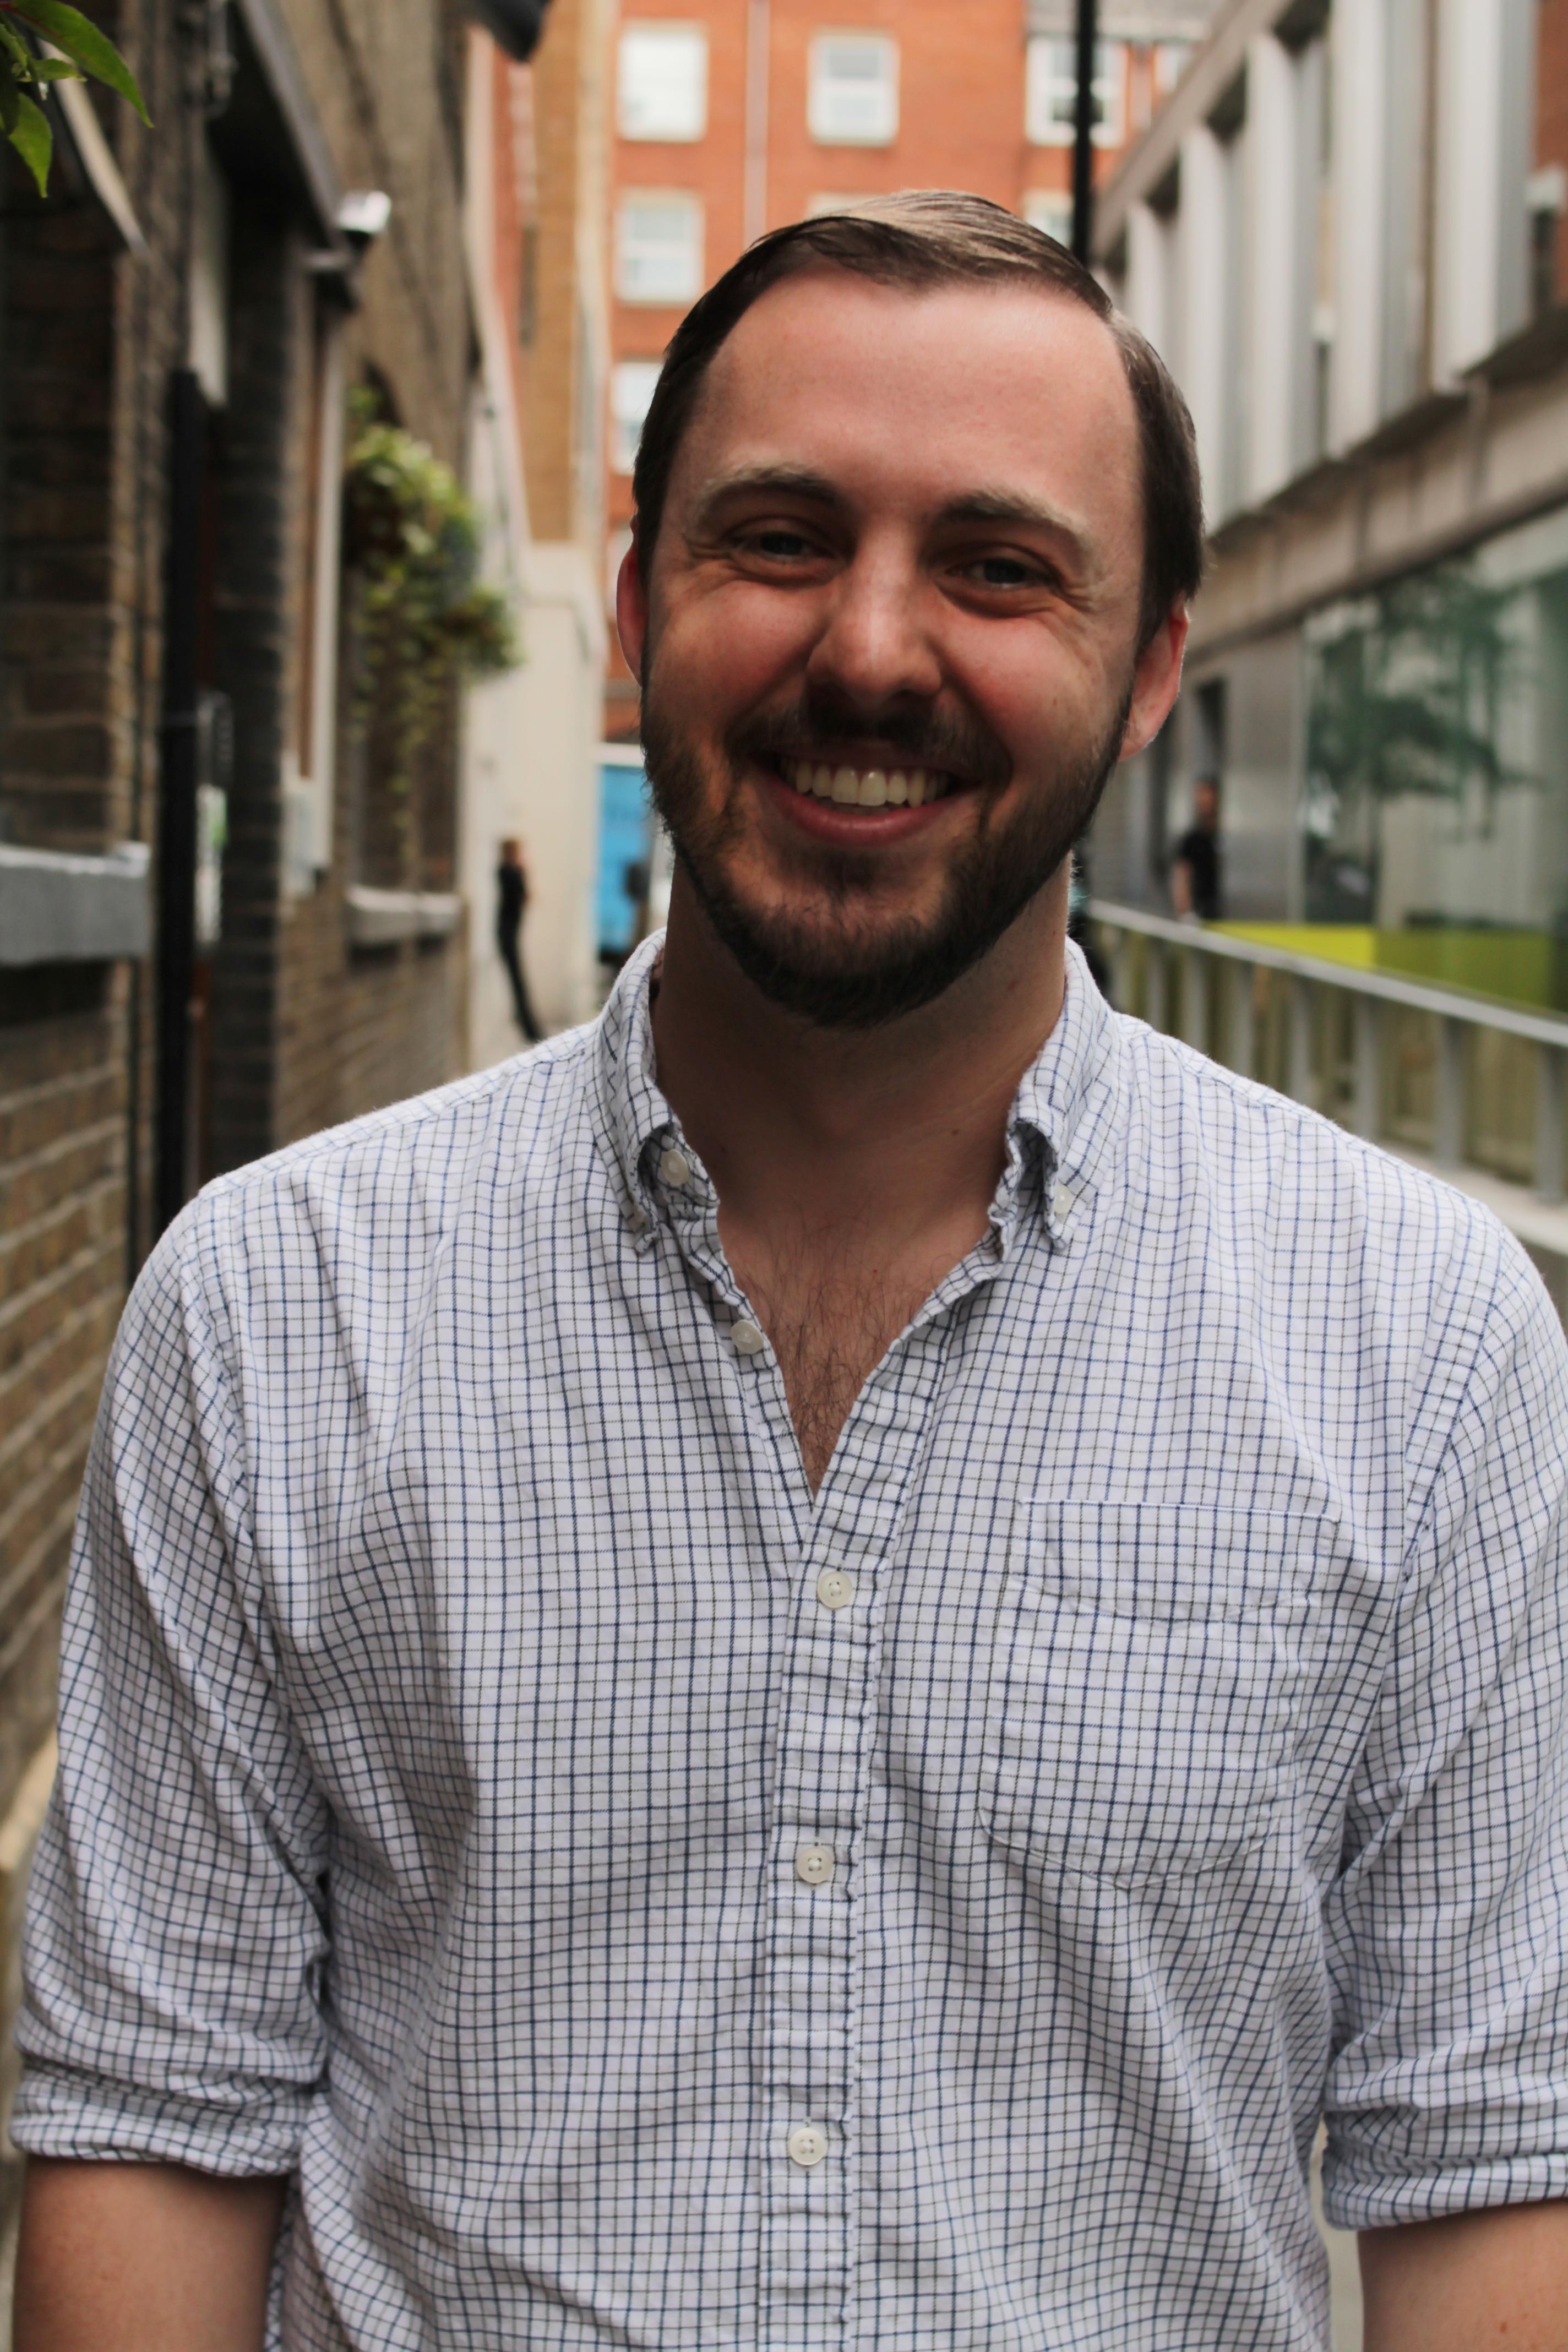 David O'Hanlon, Agent's Assistant